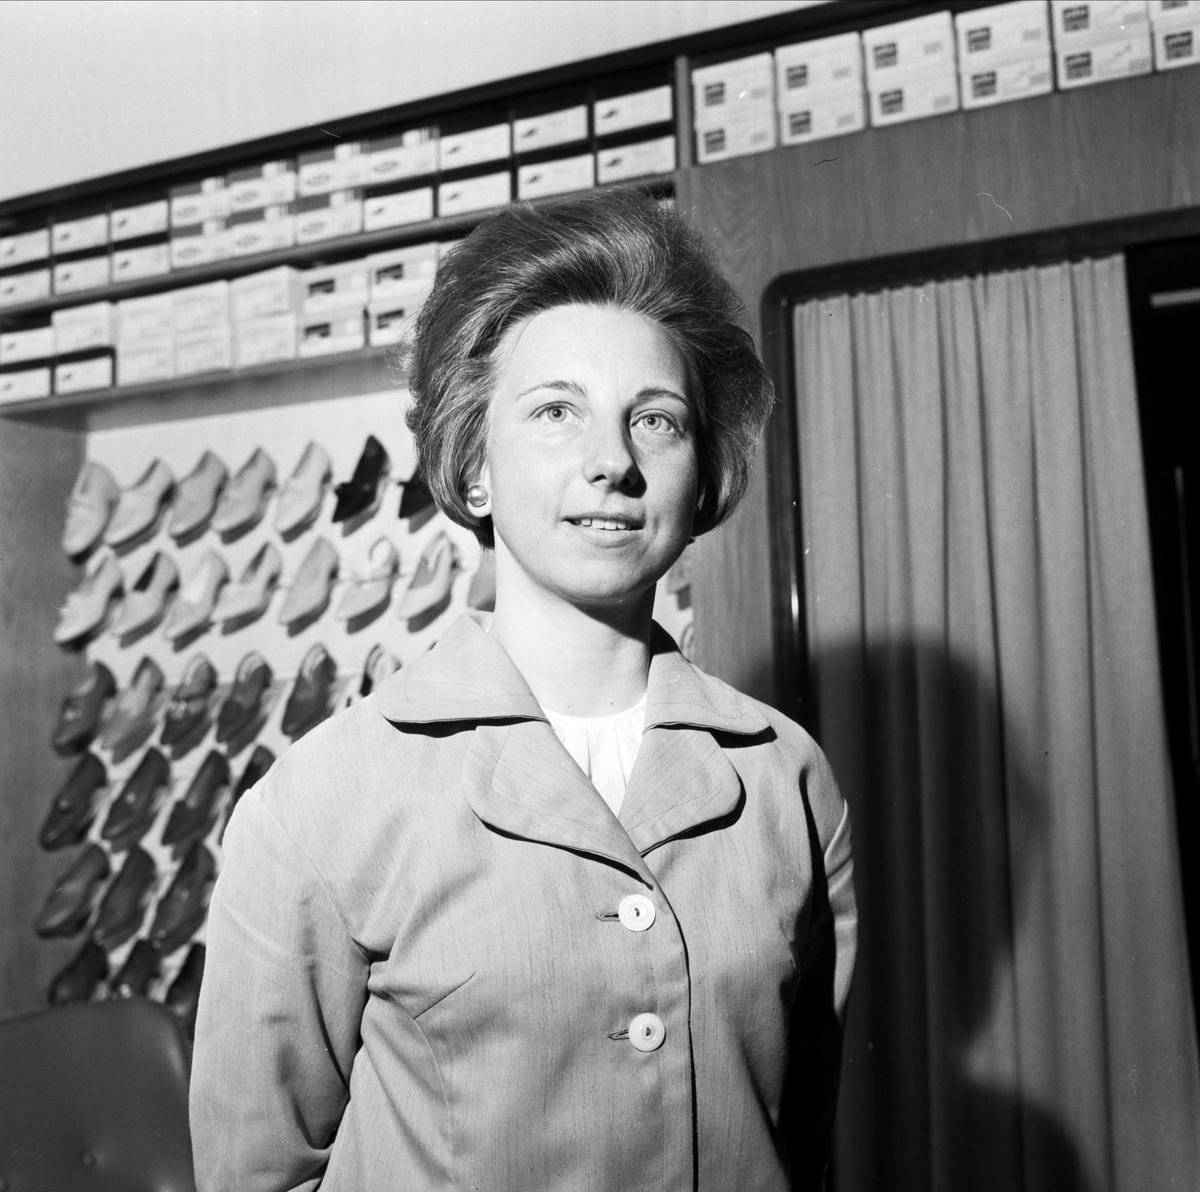 Kvinna i skoaffär, Tierp, Uppland april 1967